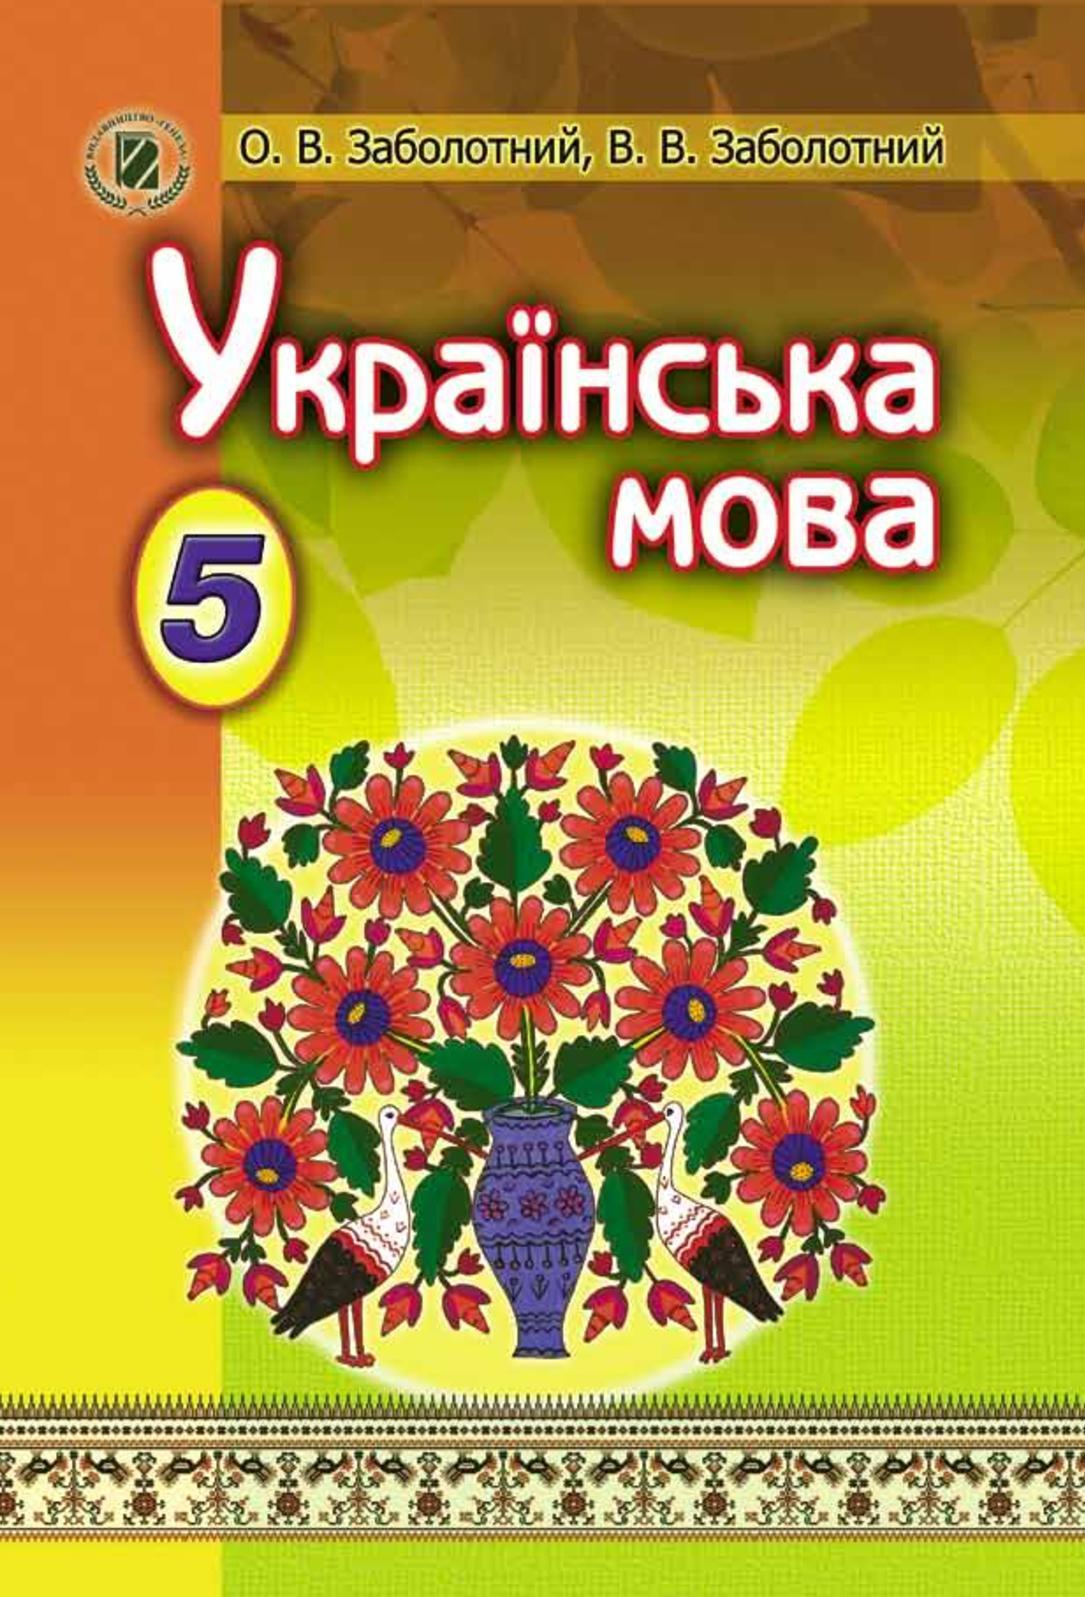 Calaméo - 5 клас. Українська мова (Заболотний) - 2013 b1572b09d6e62